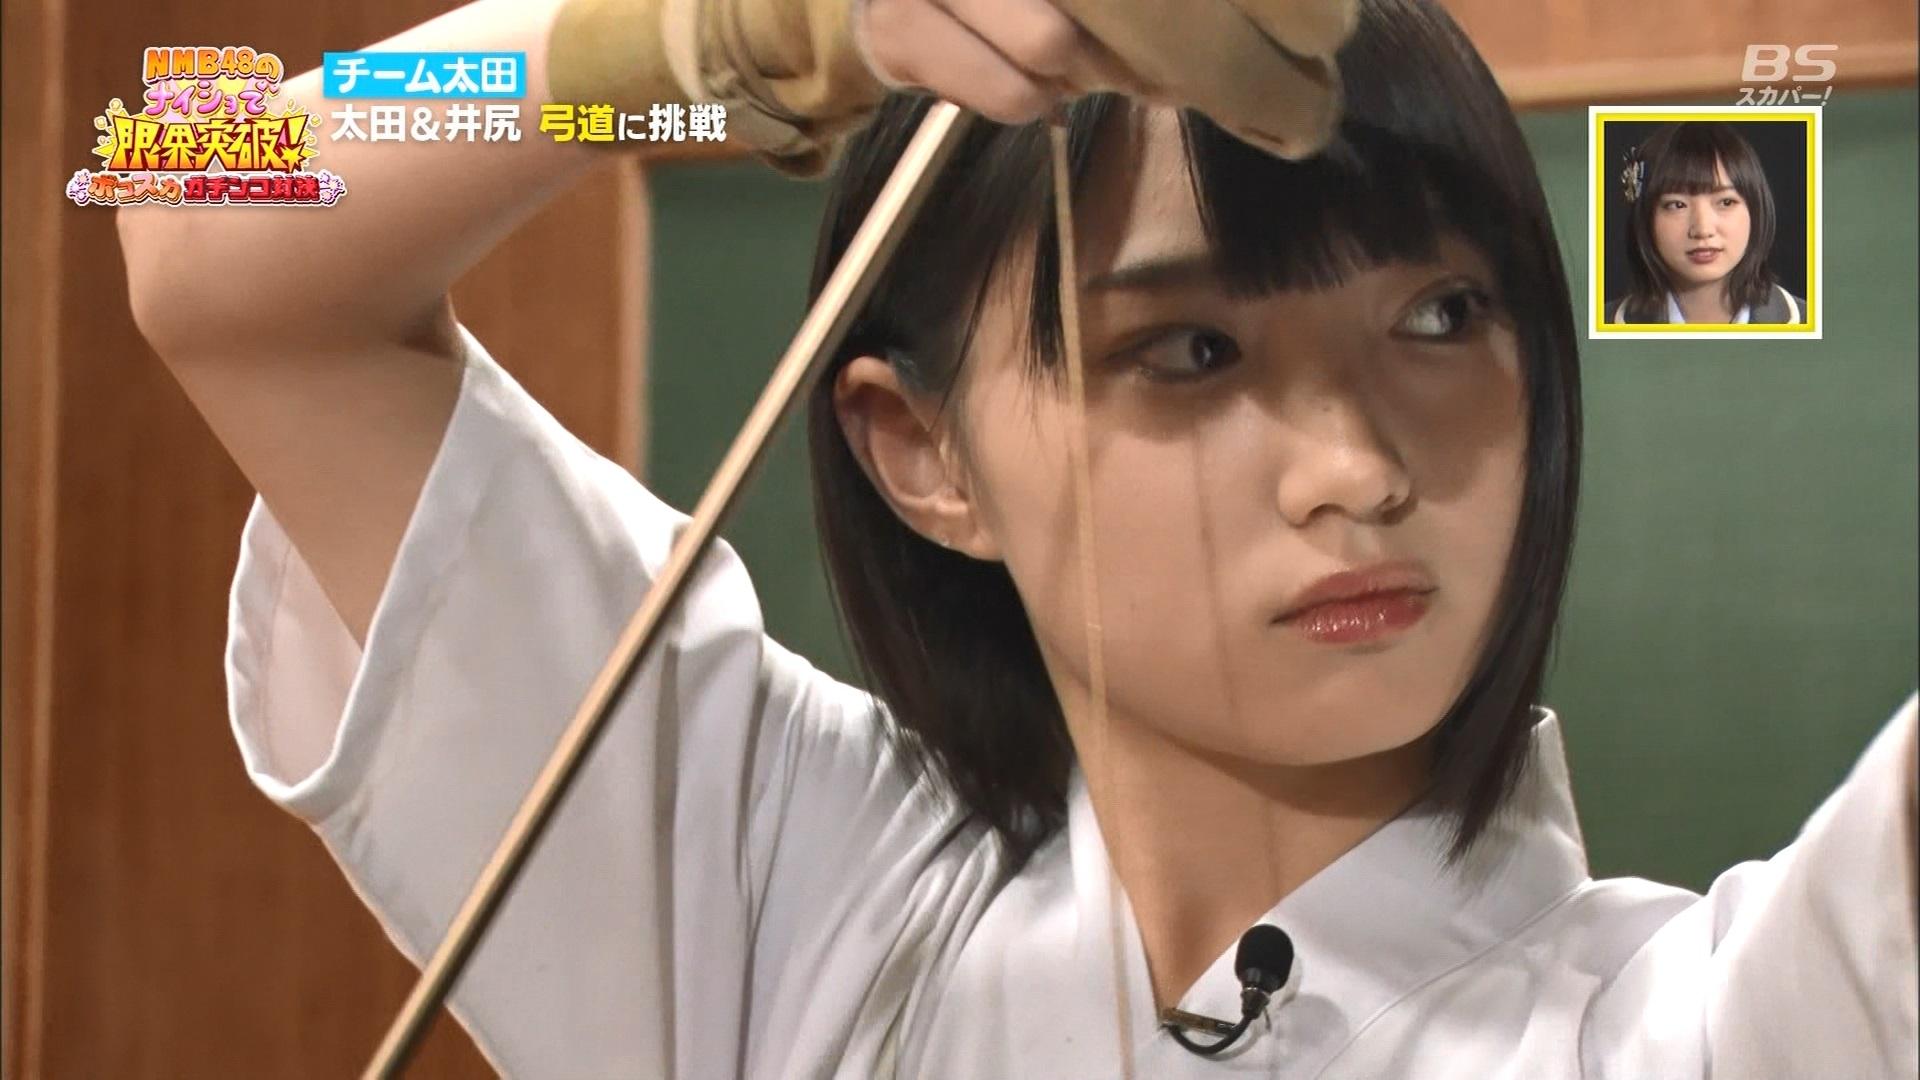 【太田夢莉/井尻晏菜】NMB48のナイショで限界突破!ボコスカガチンコ対決!ゆーりあんたんの弓道キャプ画像。